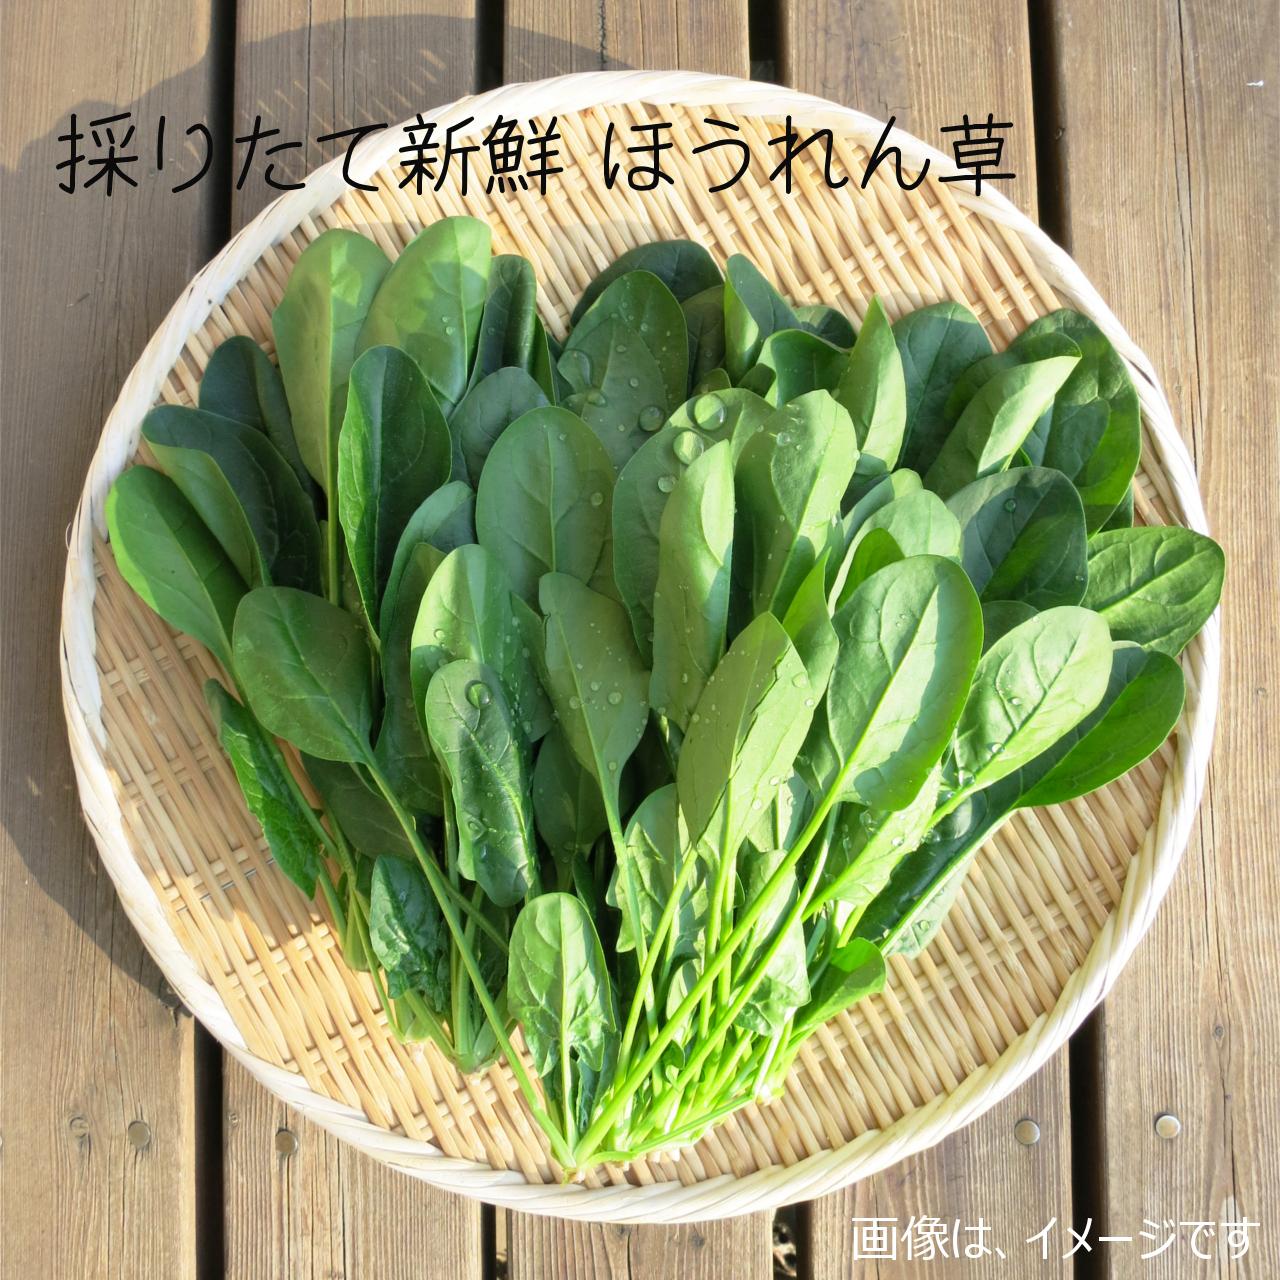 ホウレンソウ 約400g 5月の朝採り直売野菜 5月11日発送予定